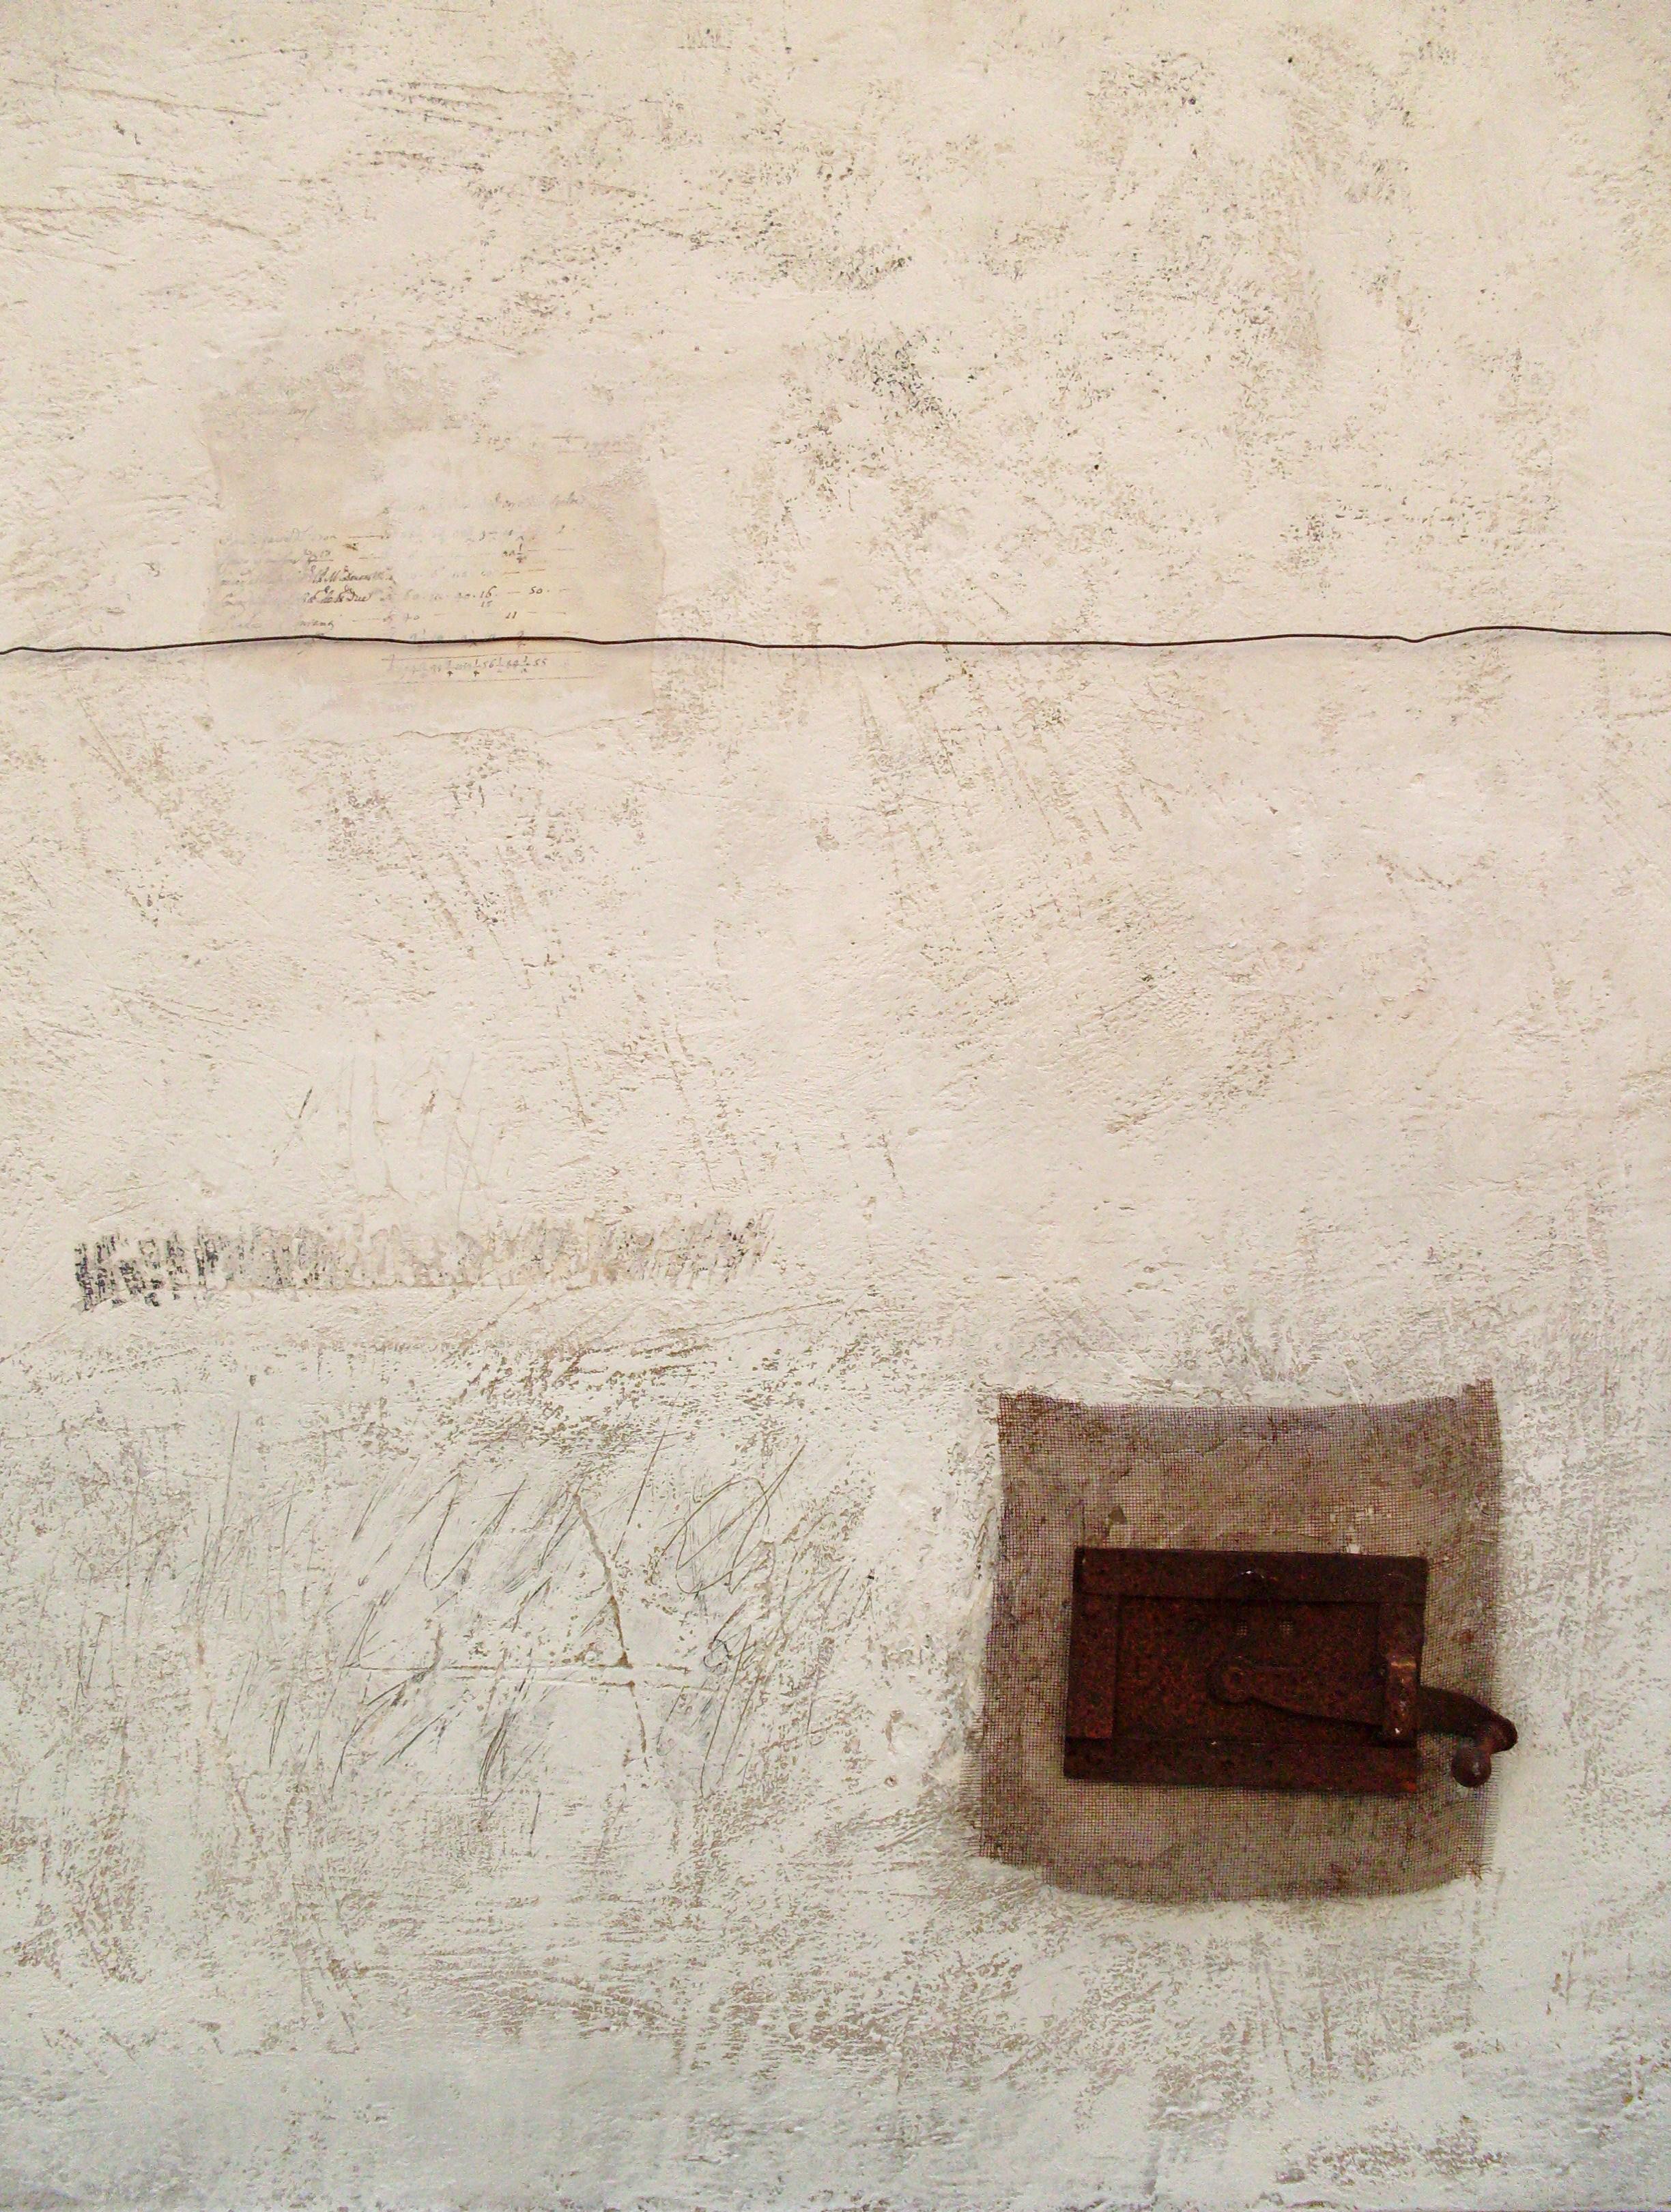 Il superamento del visibile, tecnica mista su tavola e ferro, 100x80, 2008